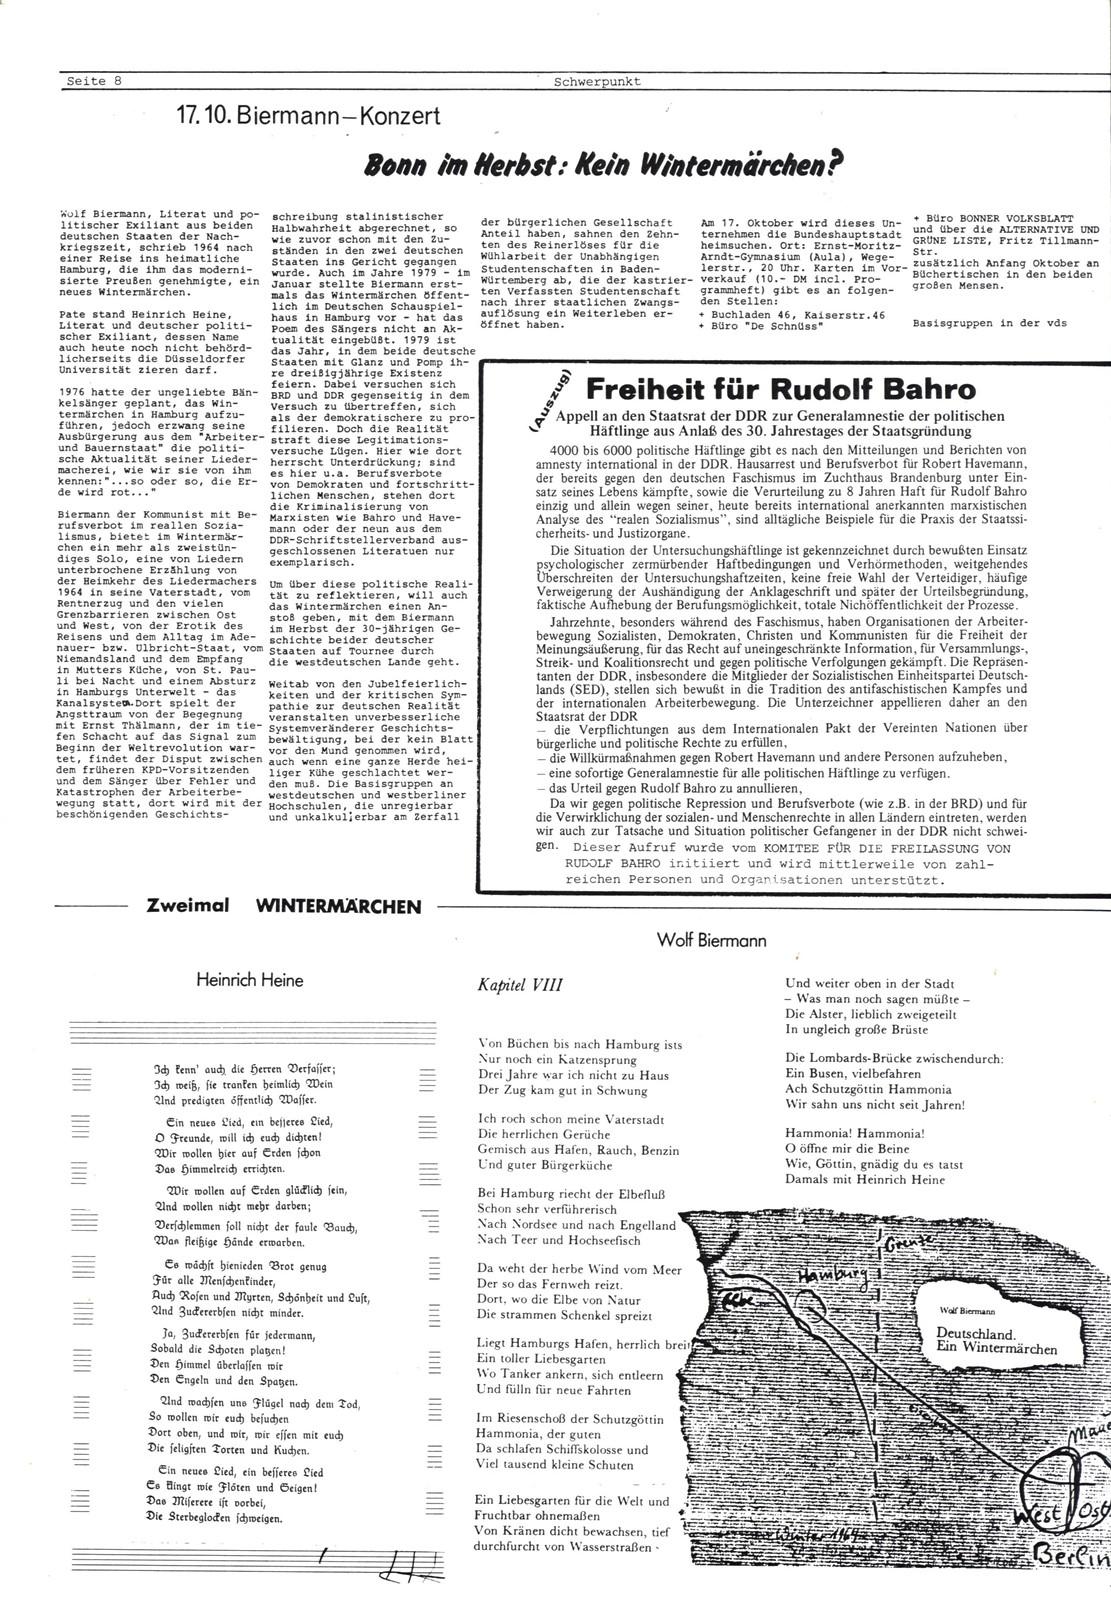 Bonner_Volksblatt_28_19791003_08